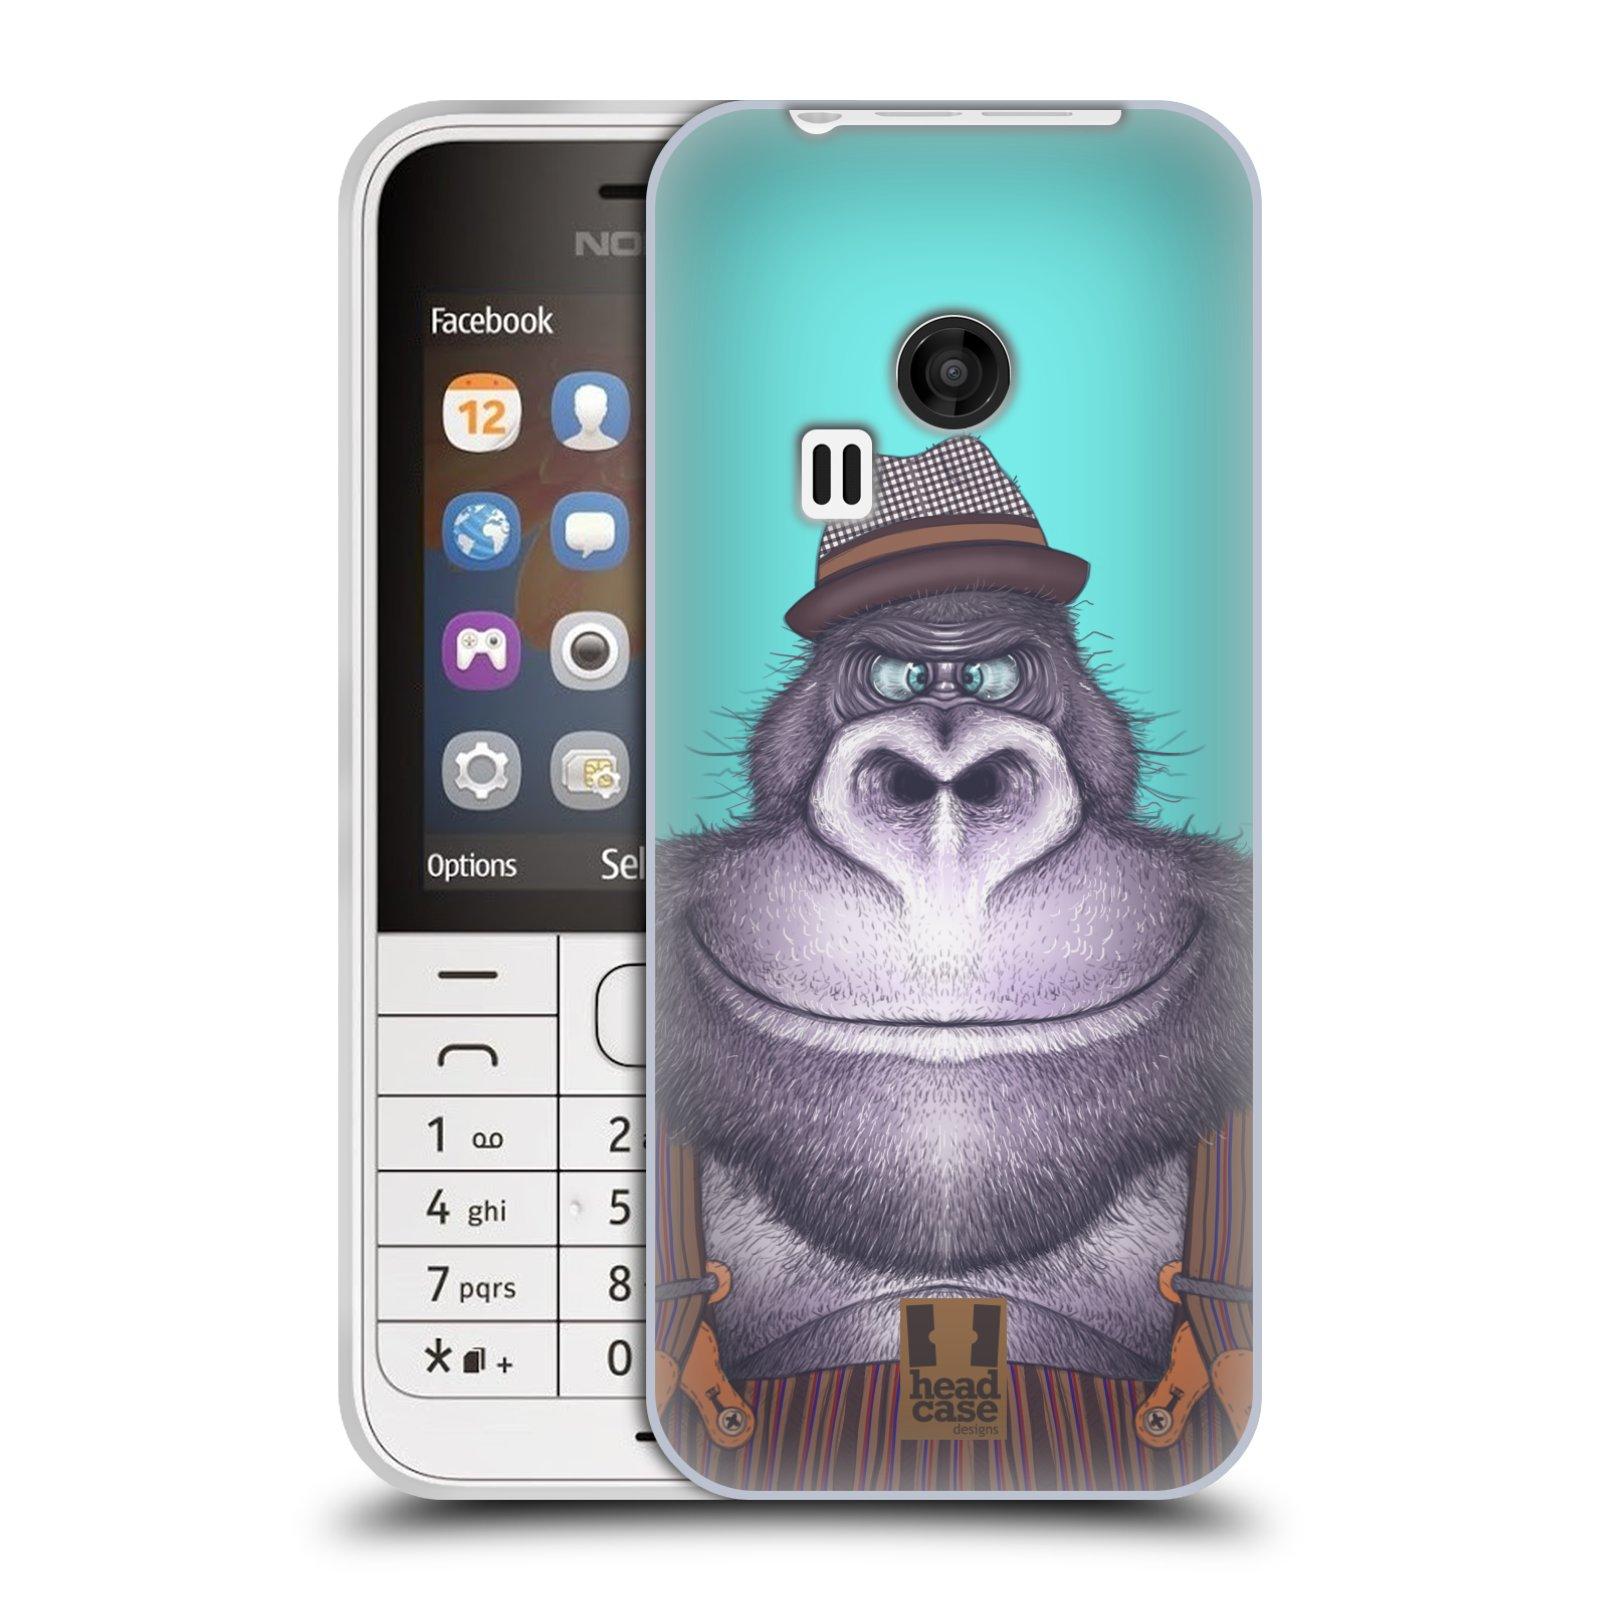 HEAD CASE silikonový obal na mobil NOKIA 220 / NOKIA 220 DUAL SIM vzor Kreslená zvířátka gorila